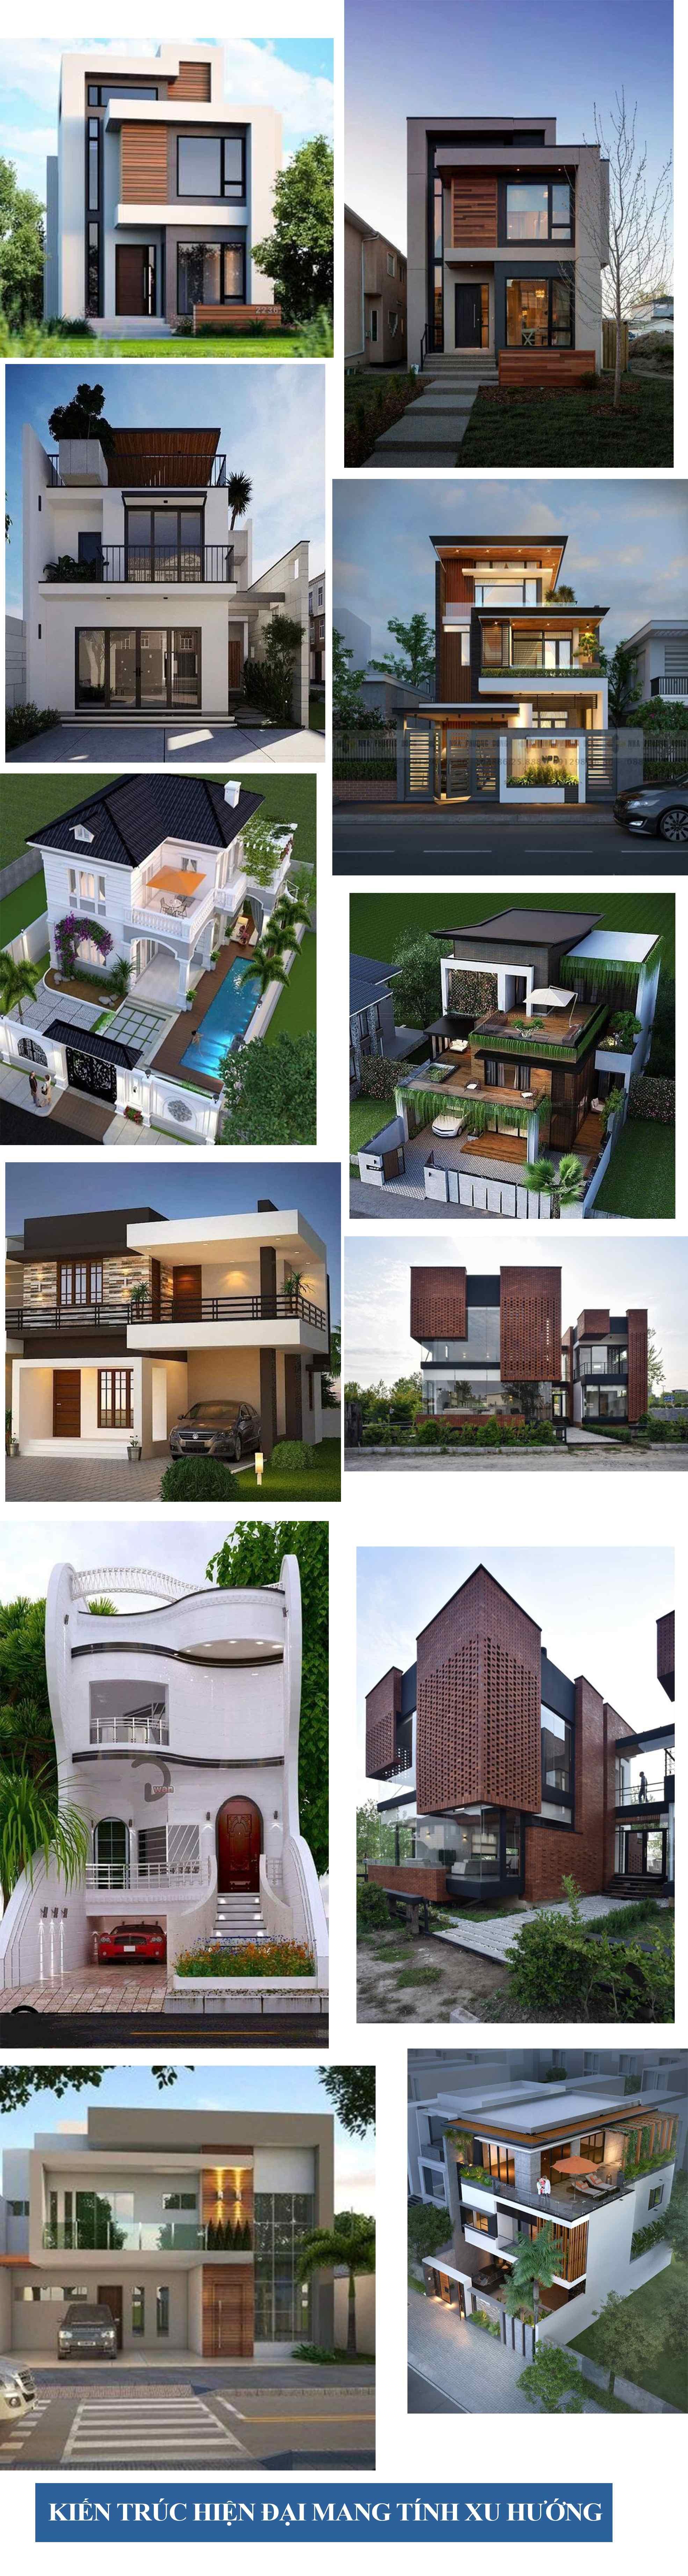 Công ty xây dựng nhà quận 10